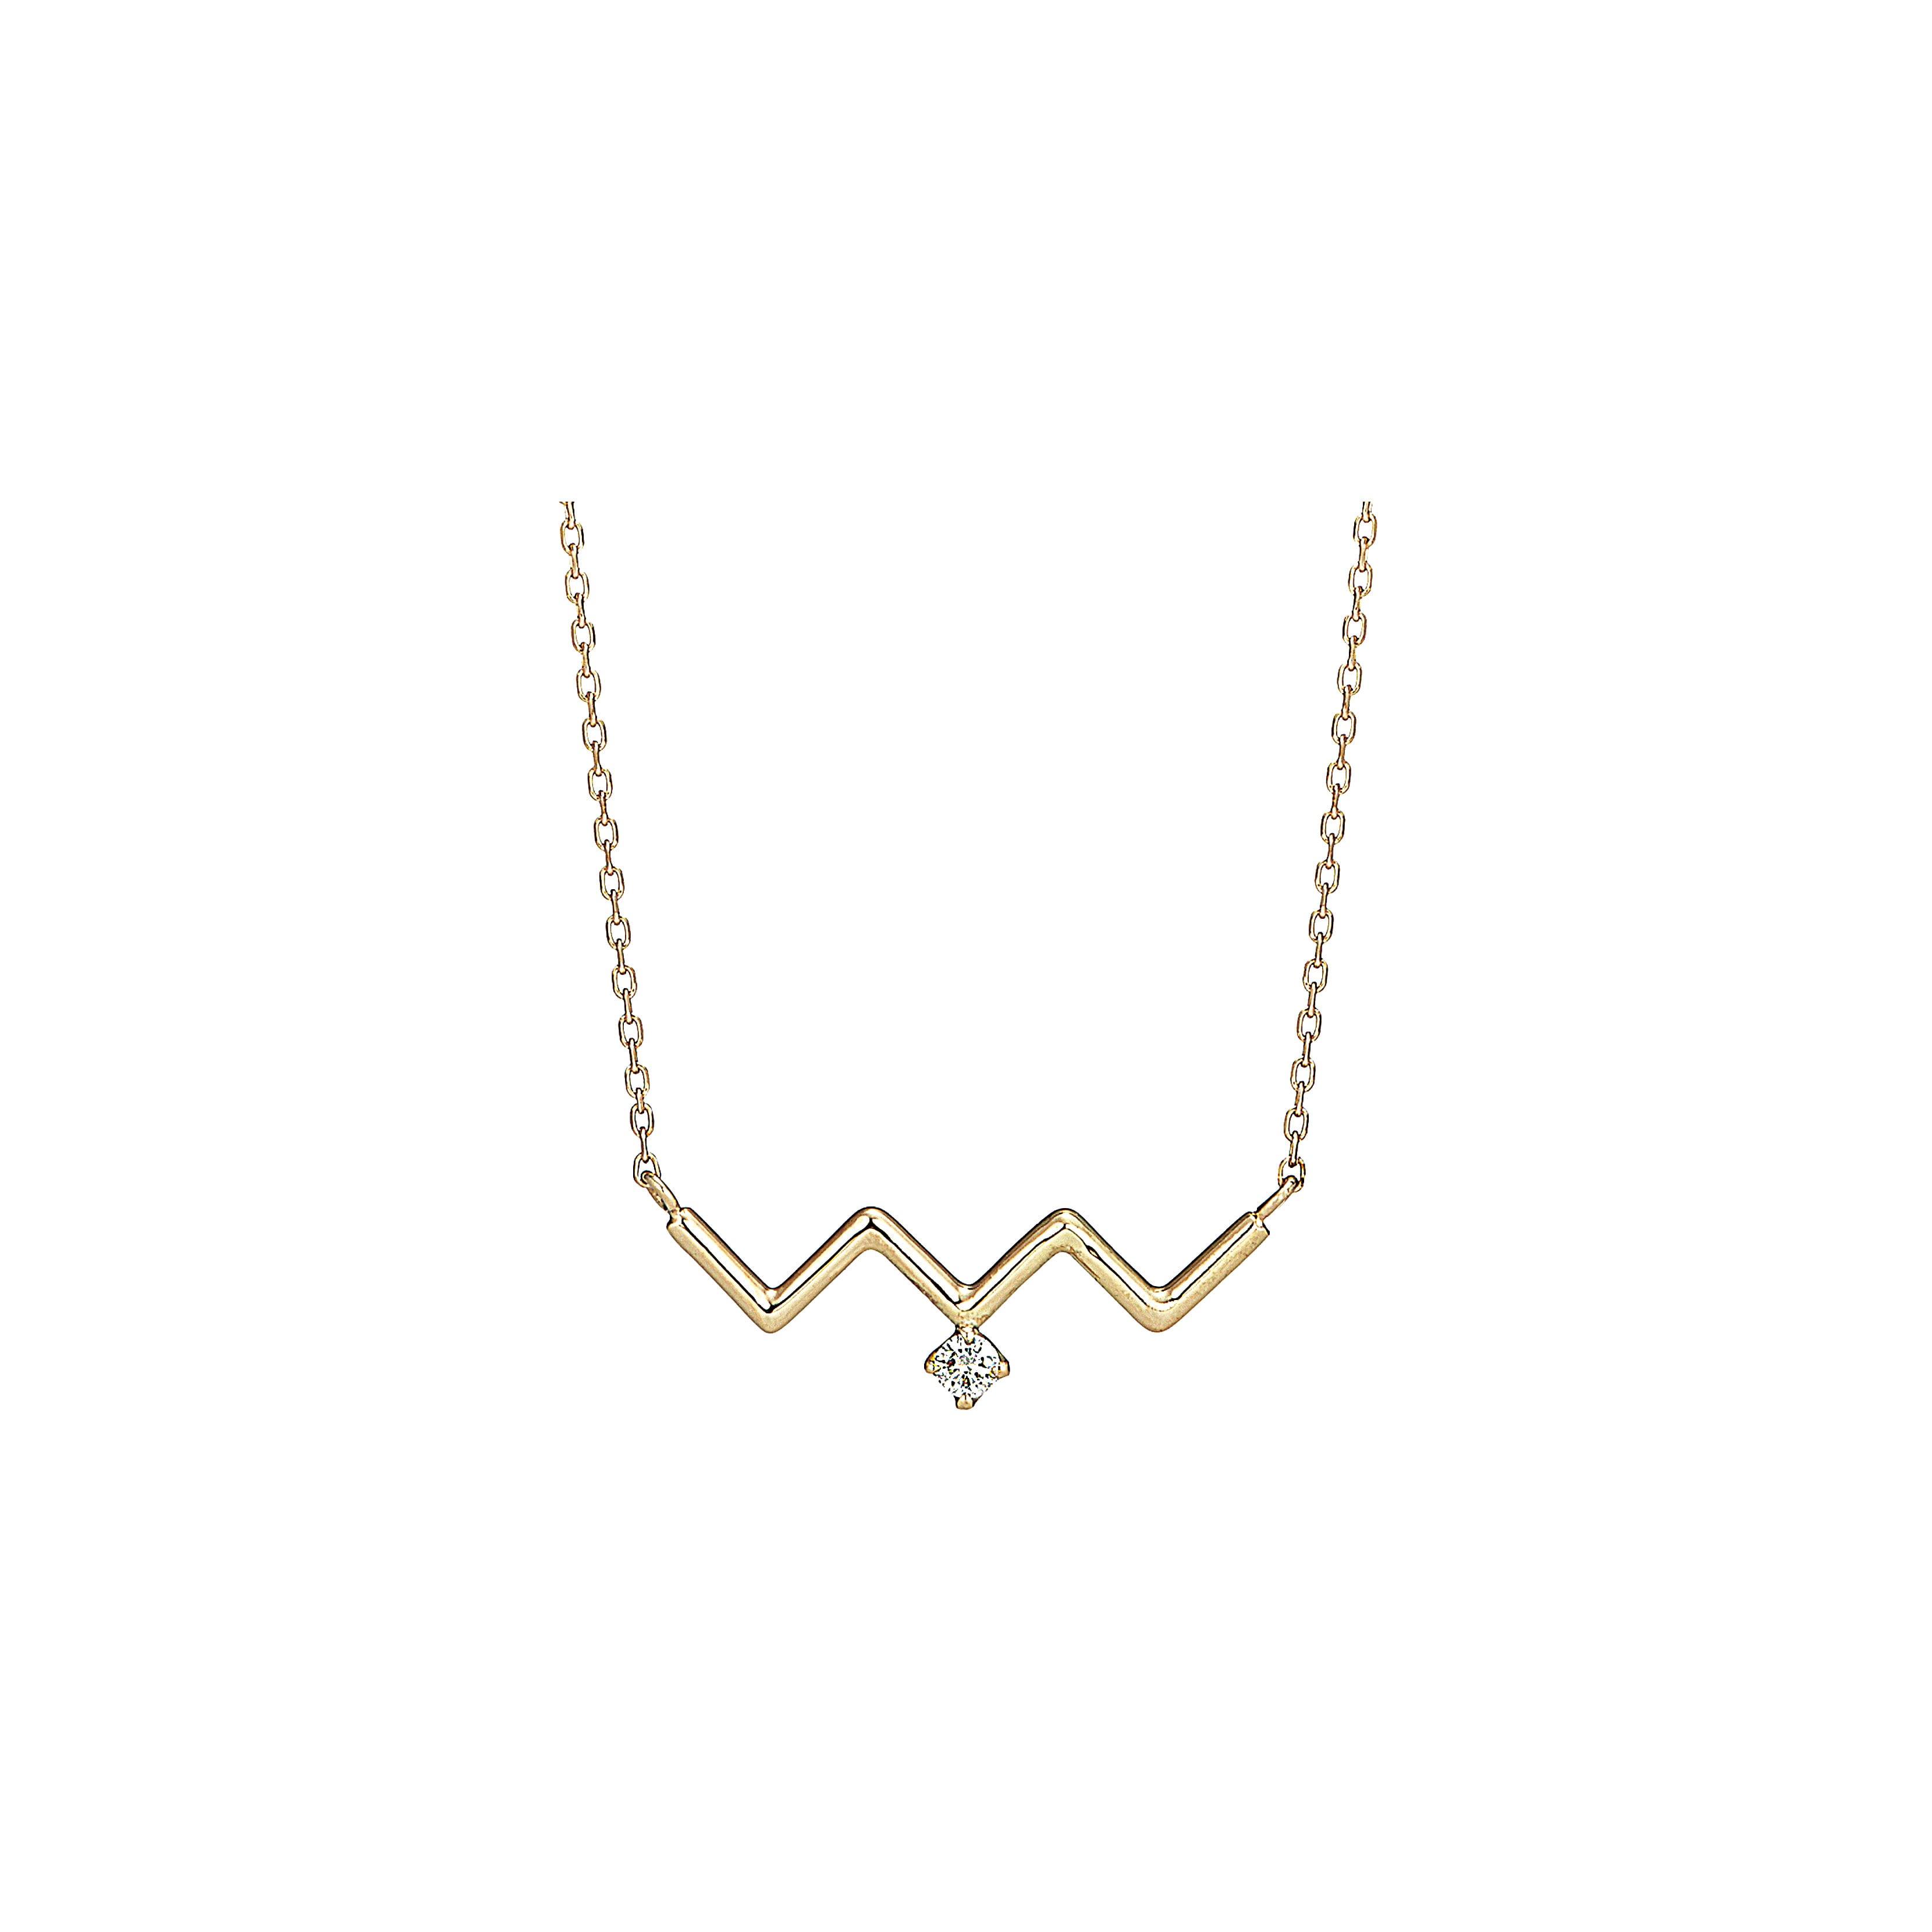 K18 Zig-Zag Necklace with a Diamond